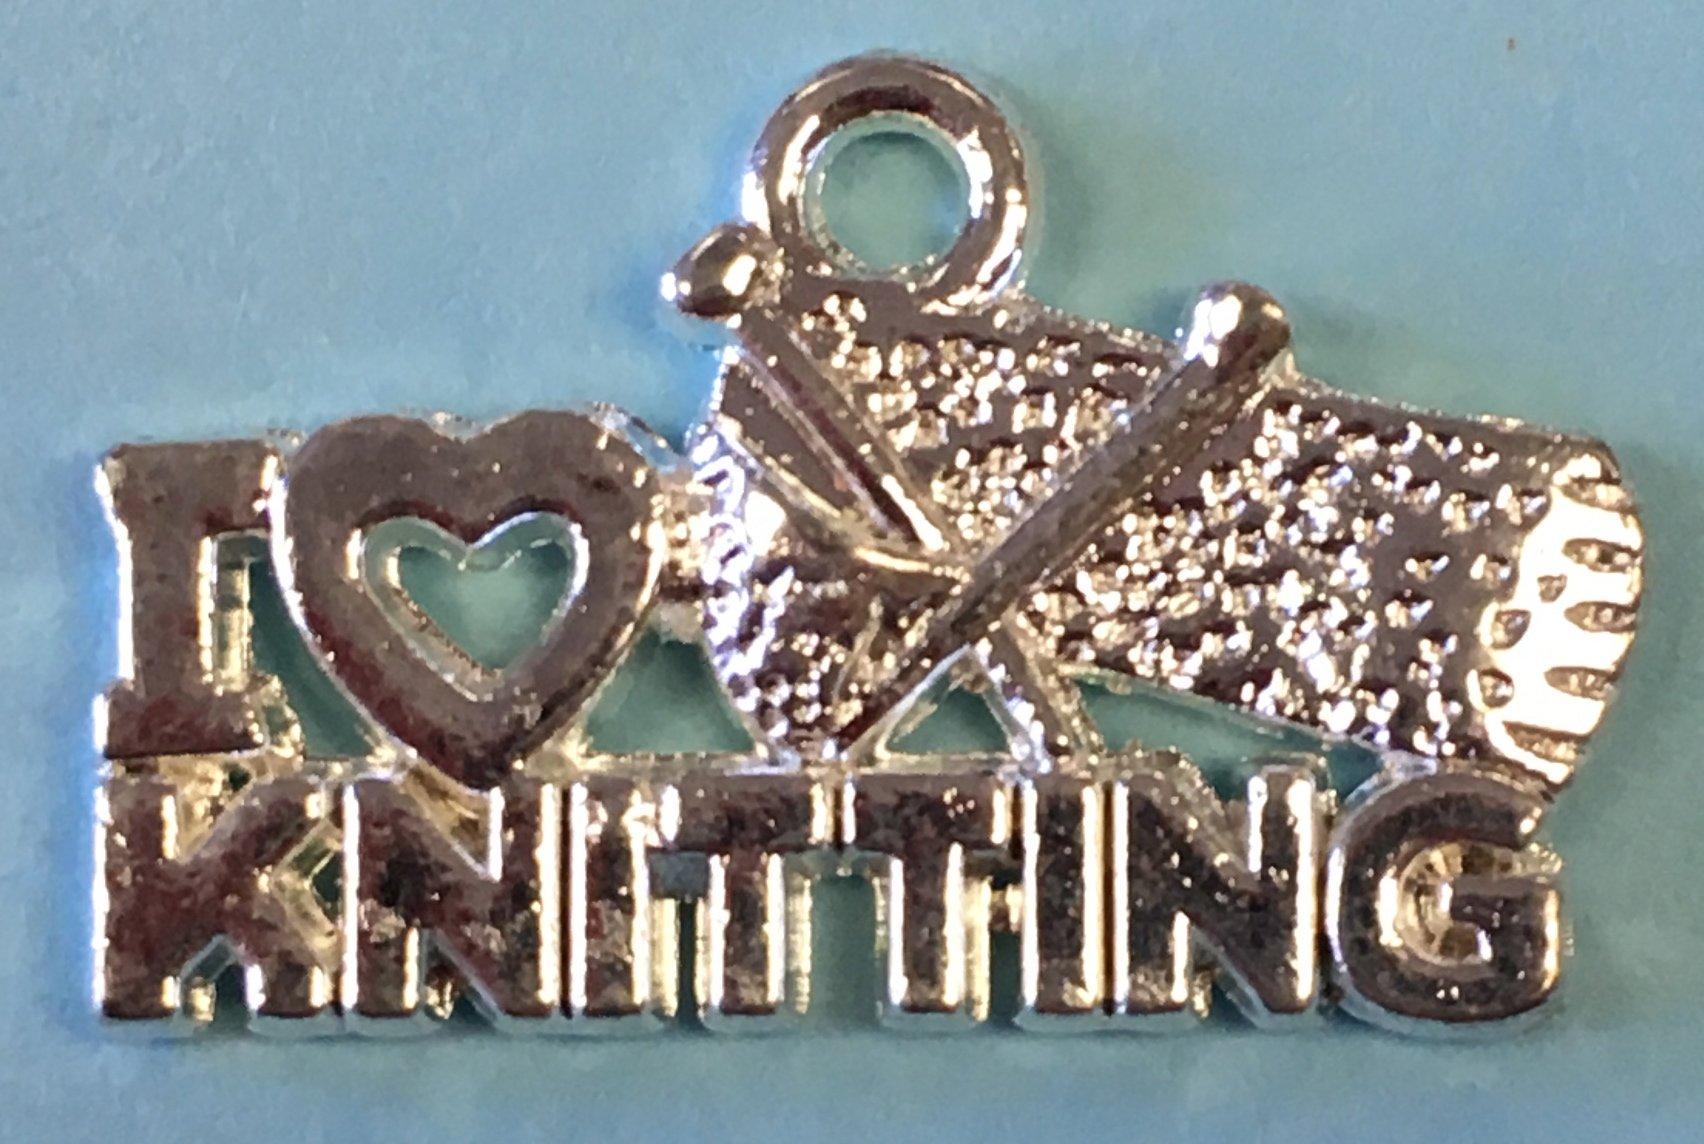 I (Heart) Knitting Charm